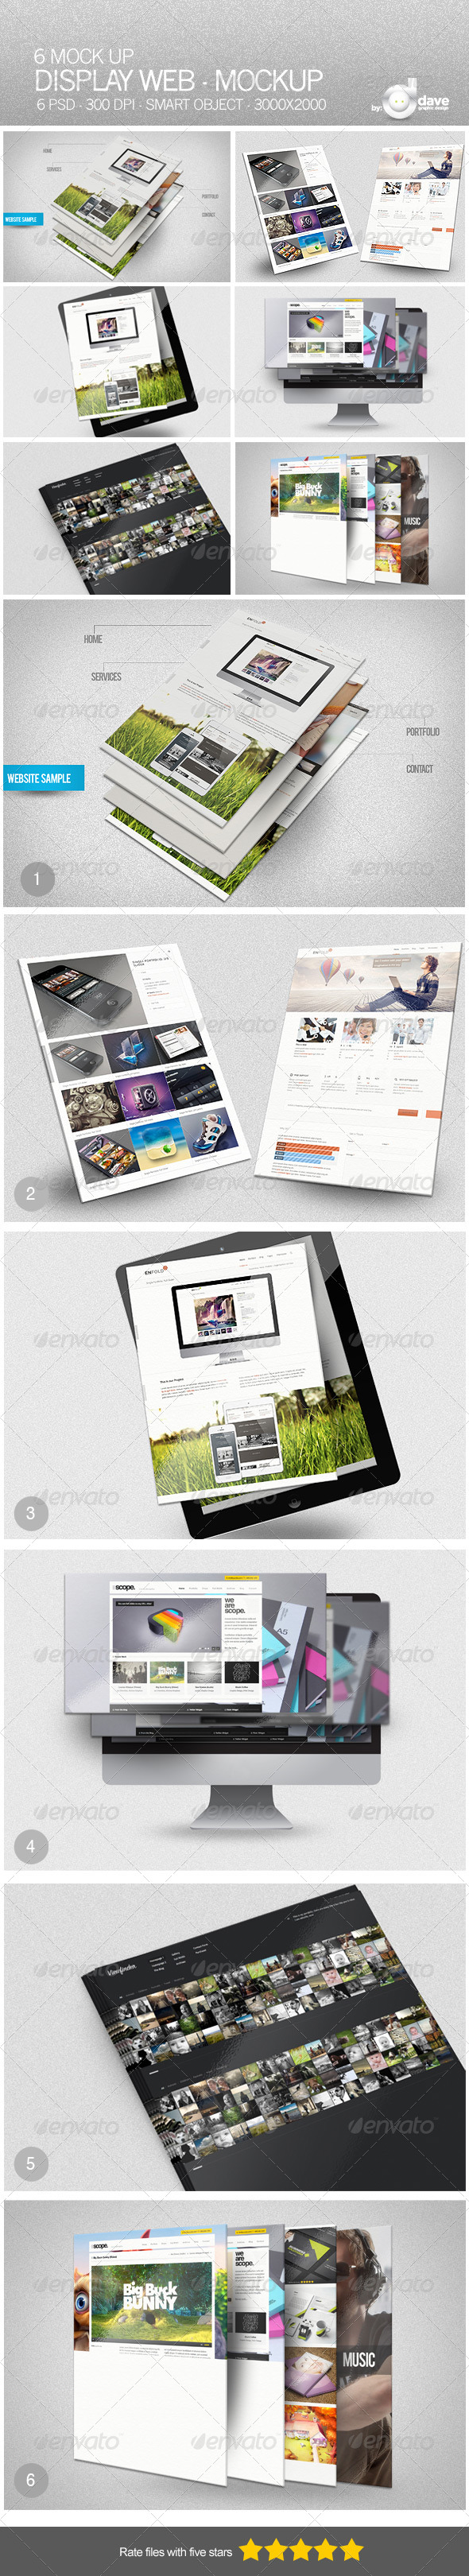 GraphicRiver Display Web Mockup 5562884